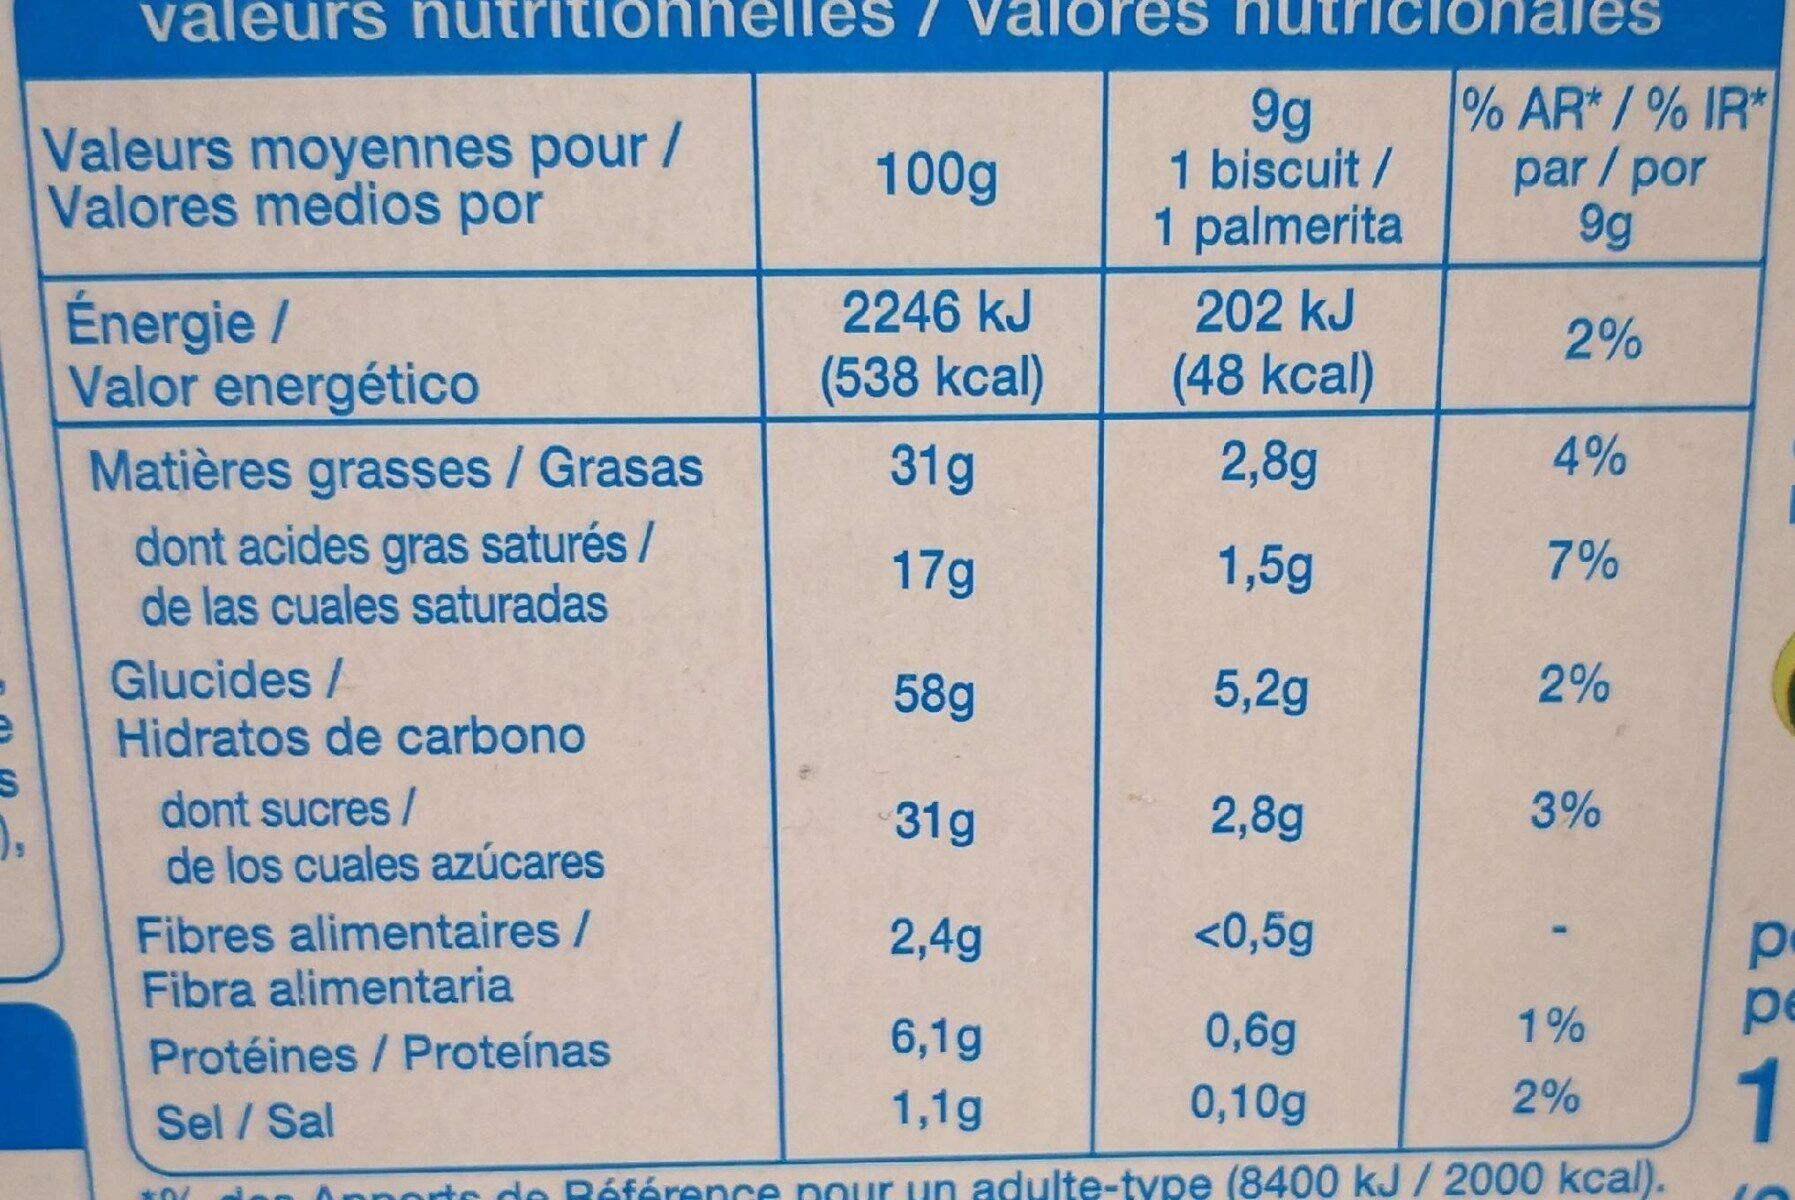 Palmiers Nappés au Chocolat au Lait - Informations nutritionnelles - fr